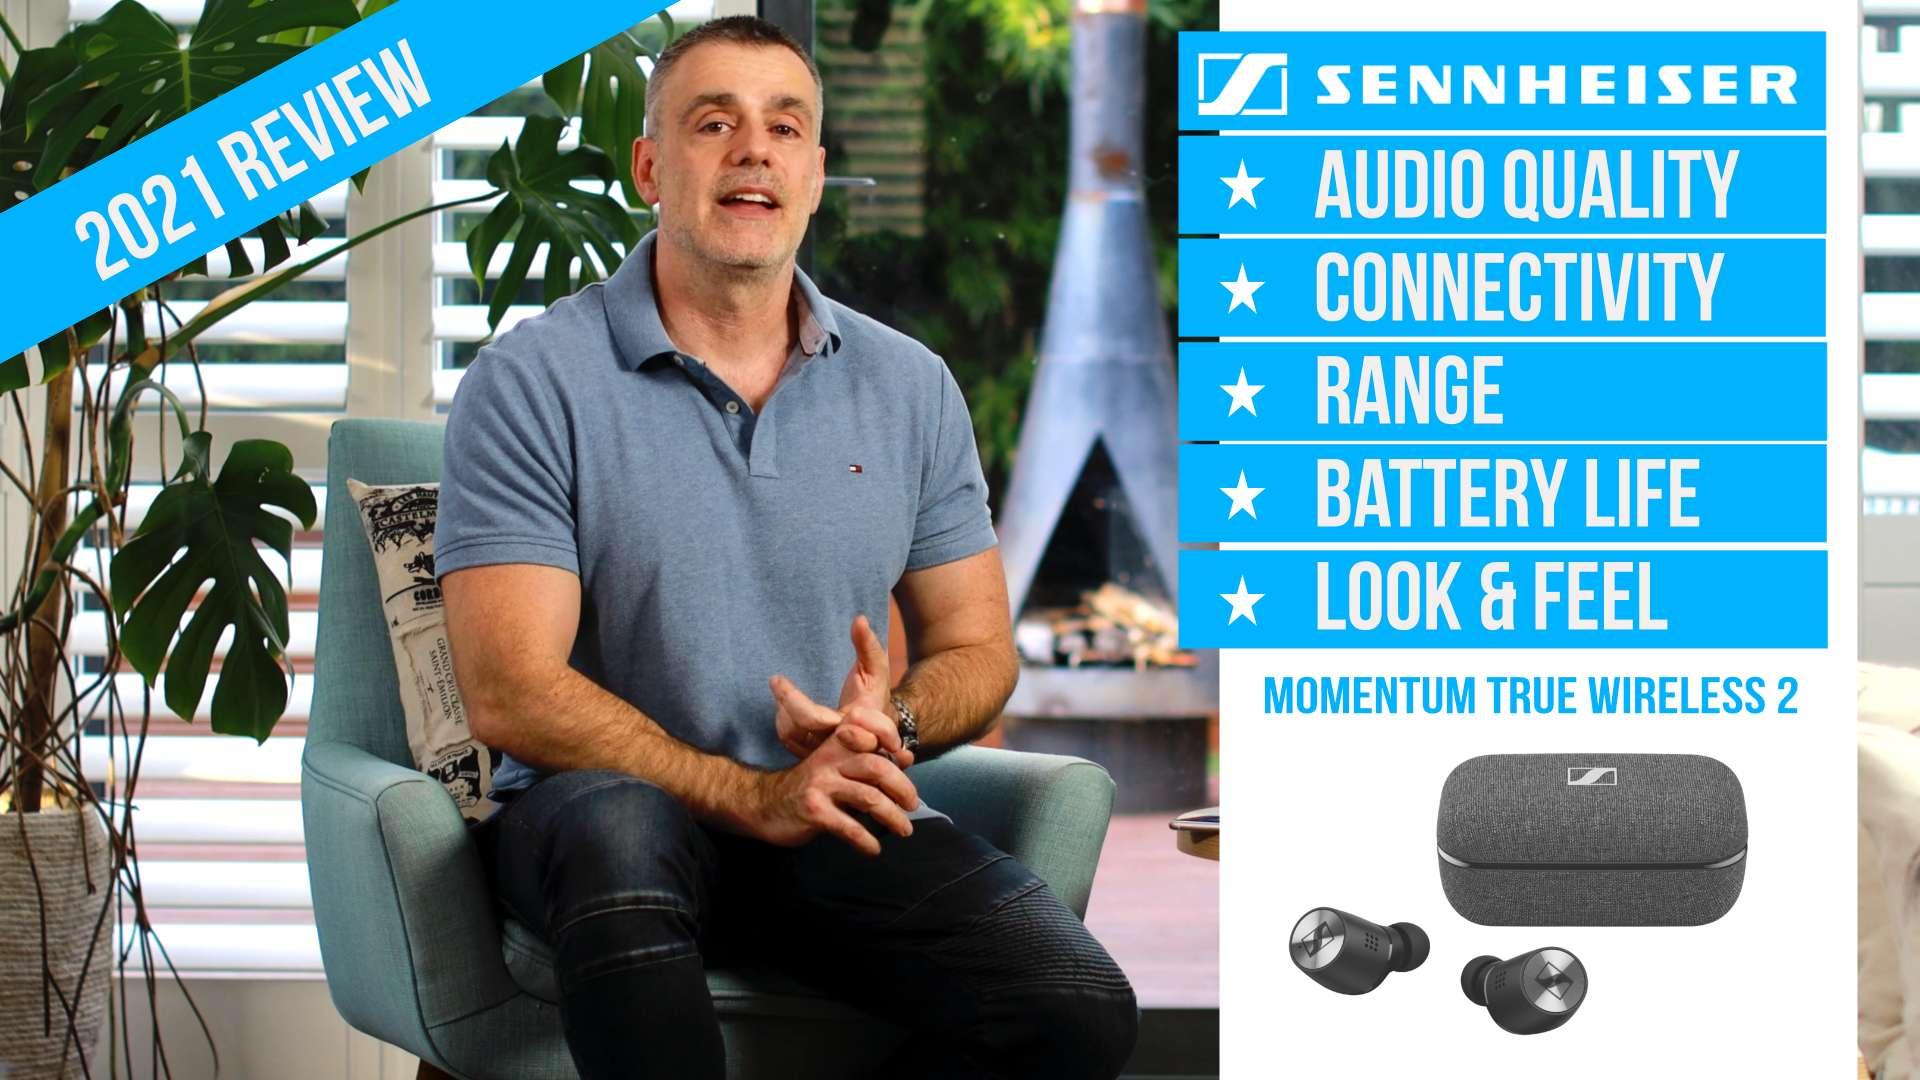 Sennheiser True Wireless 2